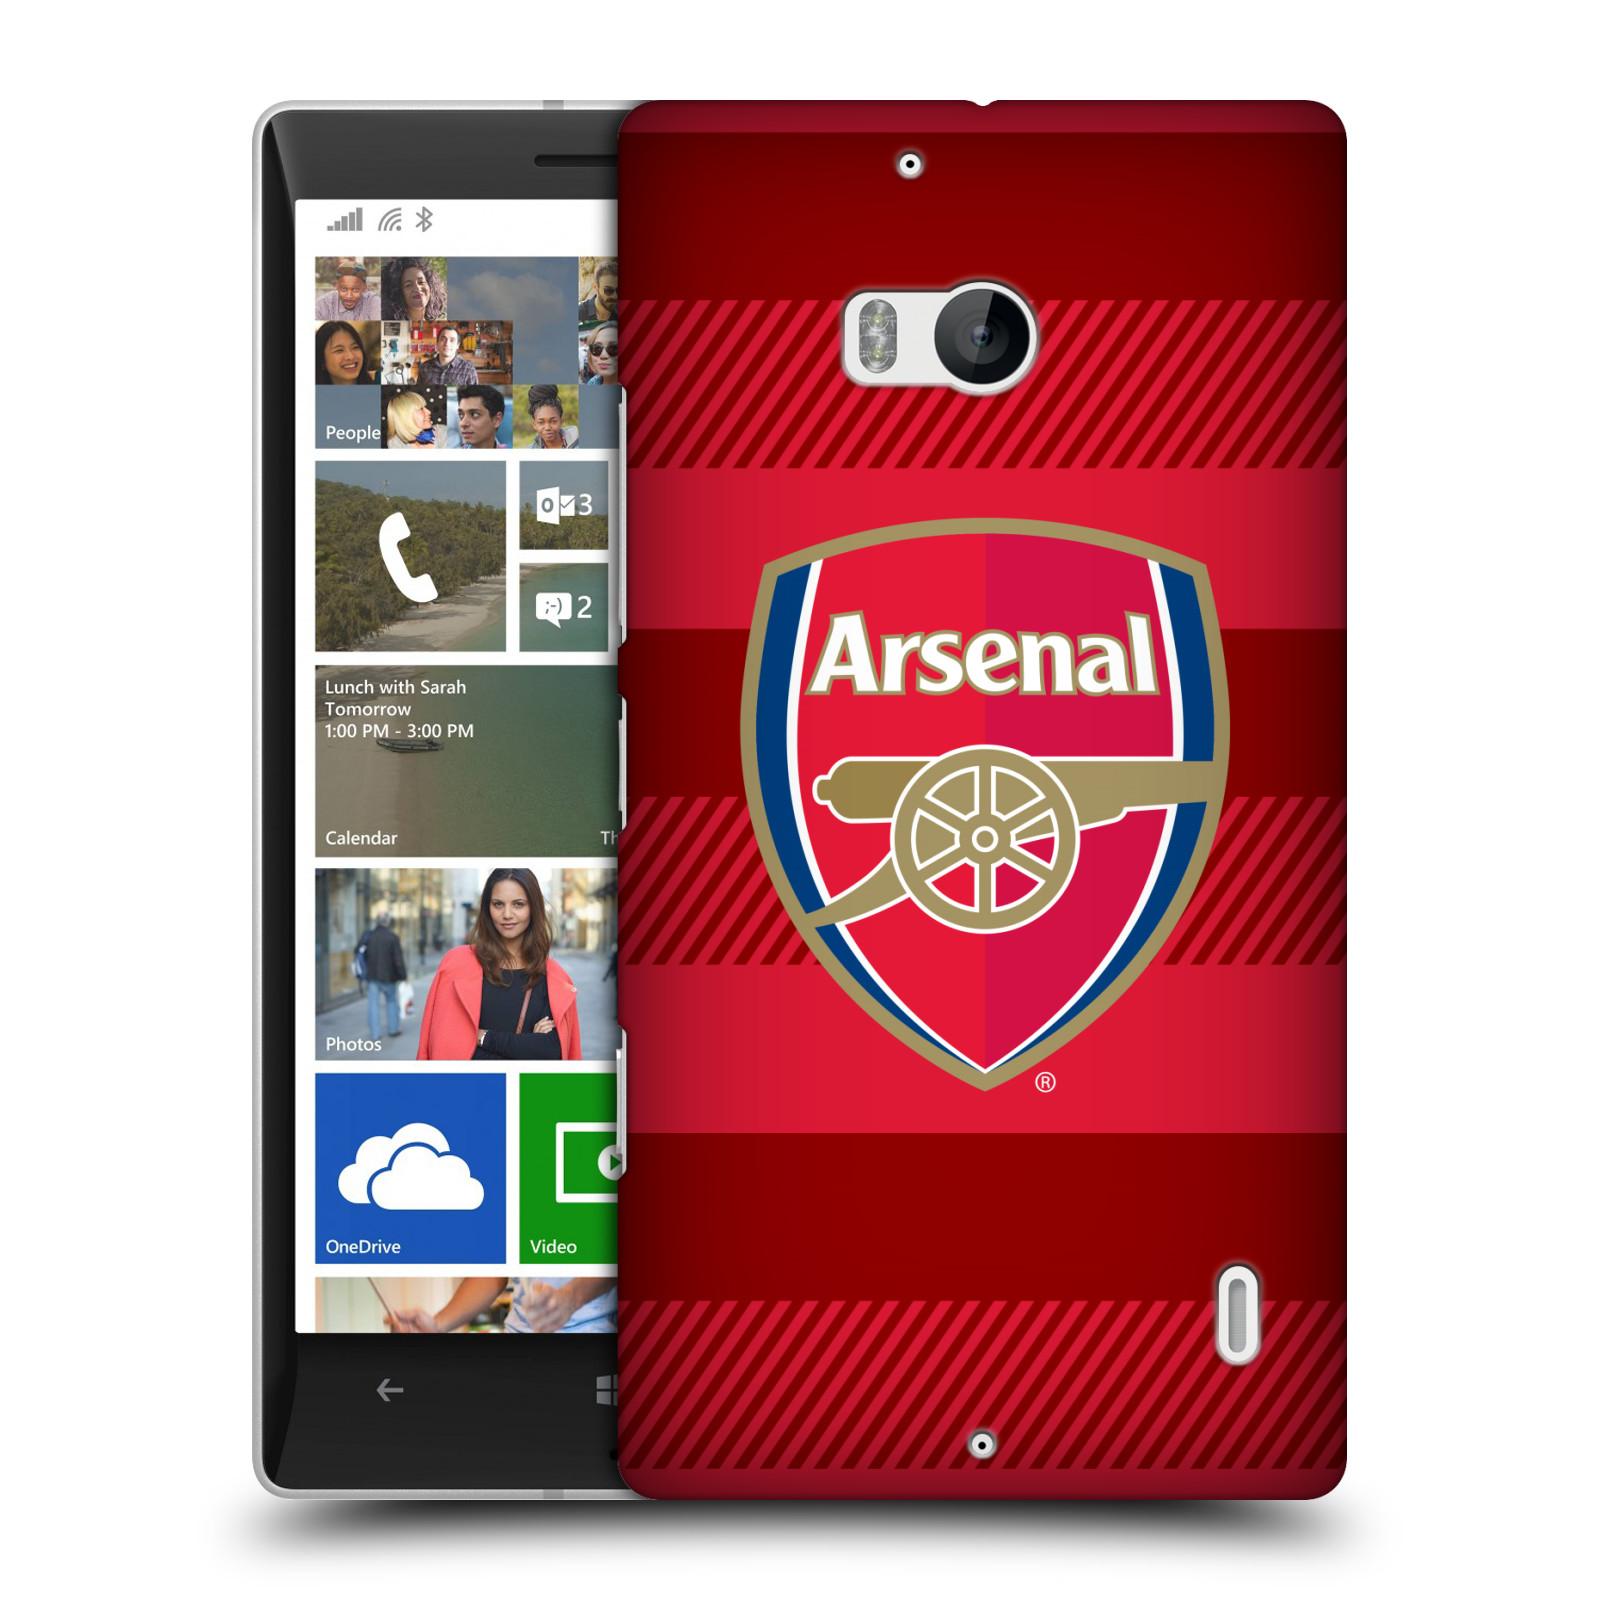 Plastové pouzdro na mobil Nokia Lumia 930 - Head Case - Arsenal FC - Logo s pruhy